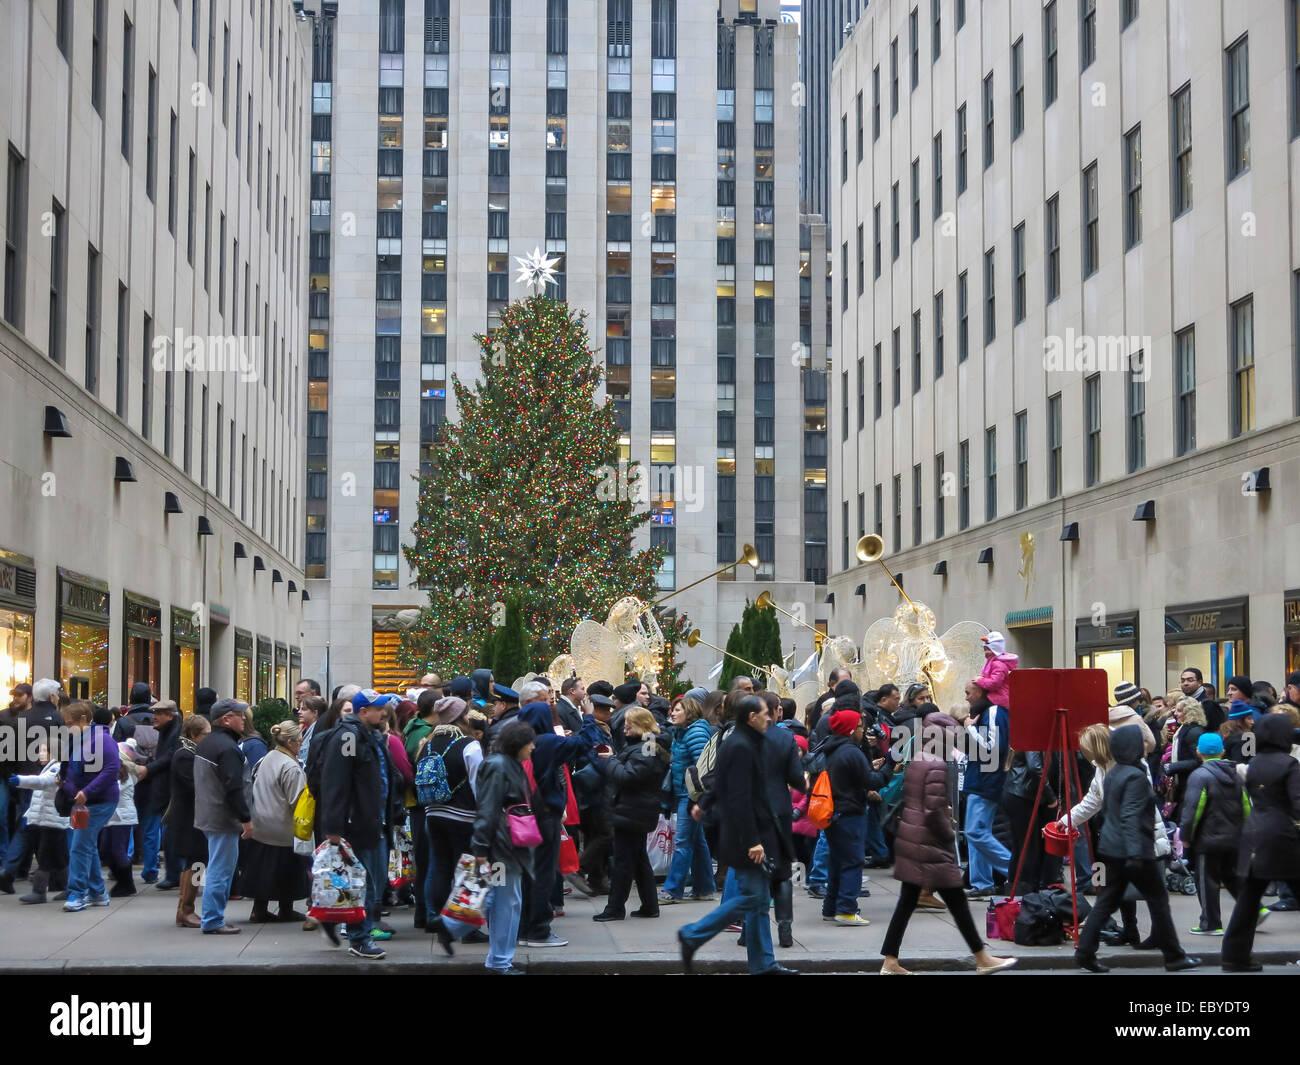 Rockefeller plaza christmas stockfotos rockefeller plaza christmas bilder alamy - Weihnachtsbaum rockefeller center ...